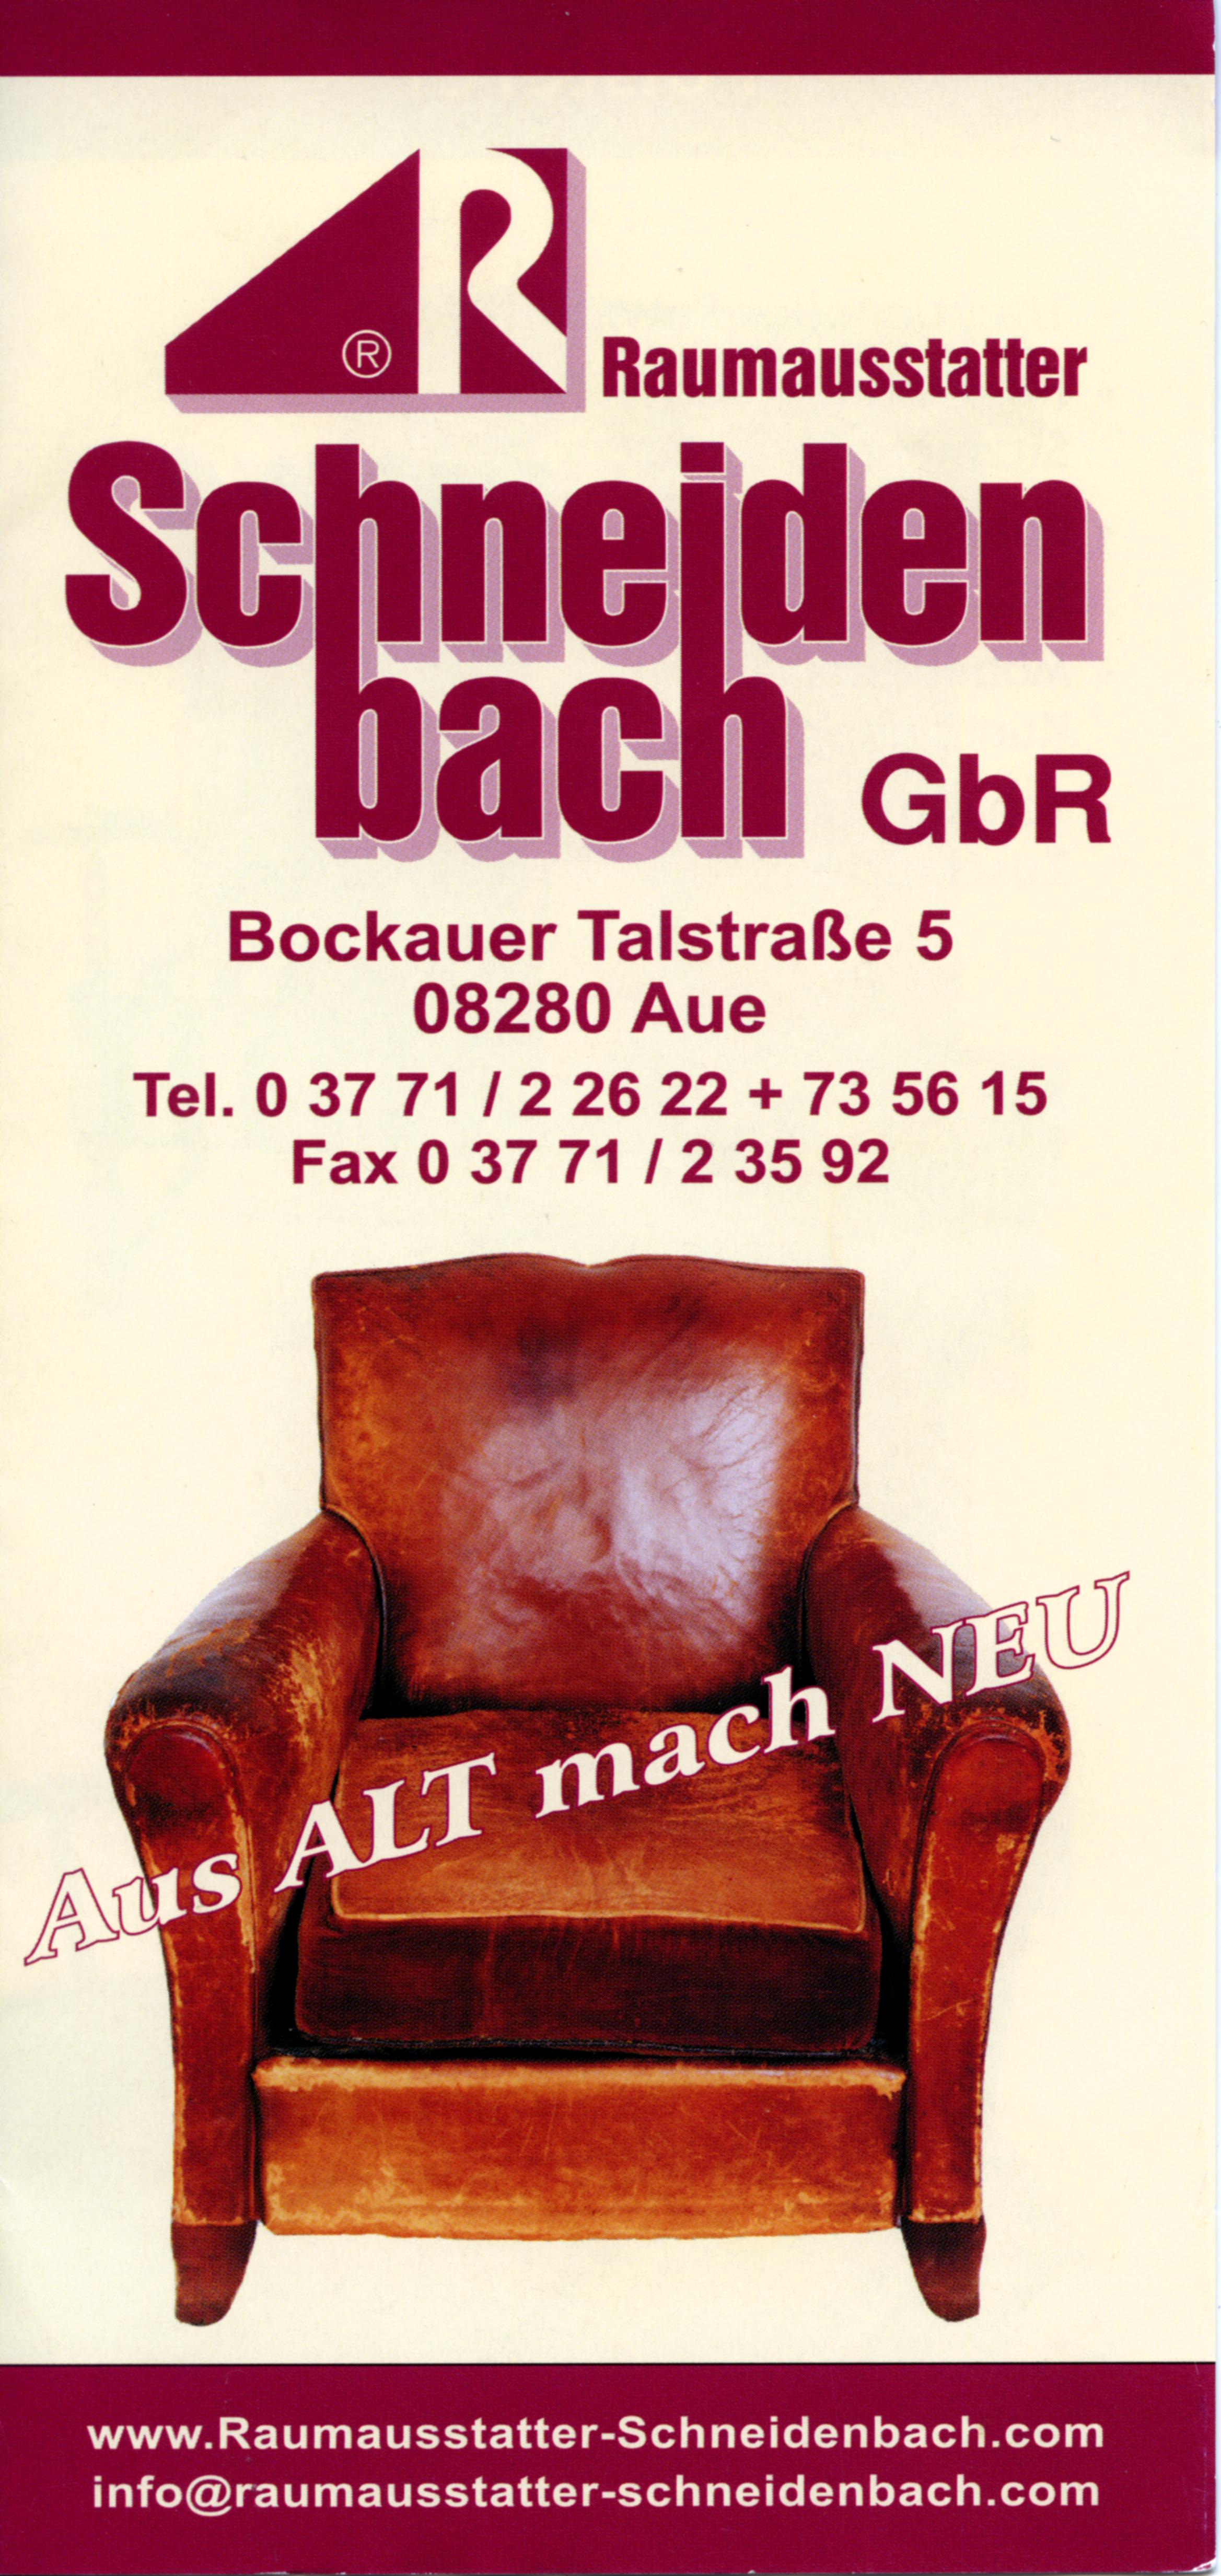 Raumausstatter schneidenbach gbr aue 08280 yellowmap for Raumausstatter was ist das